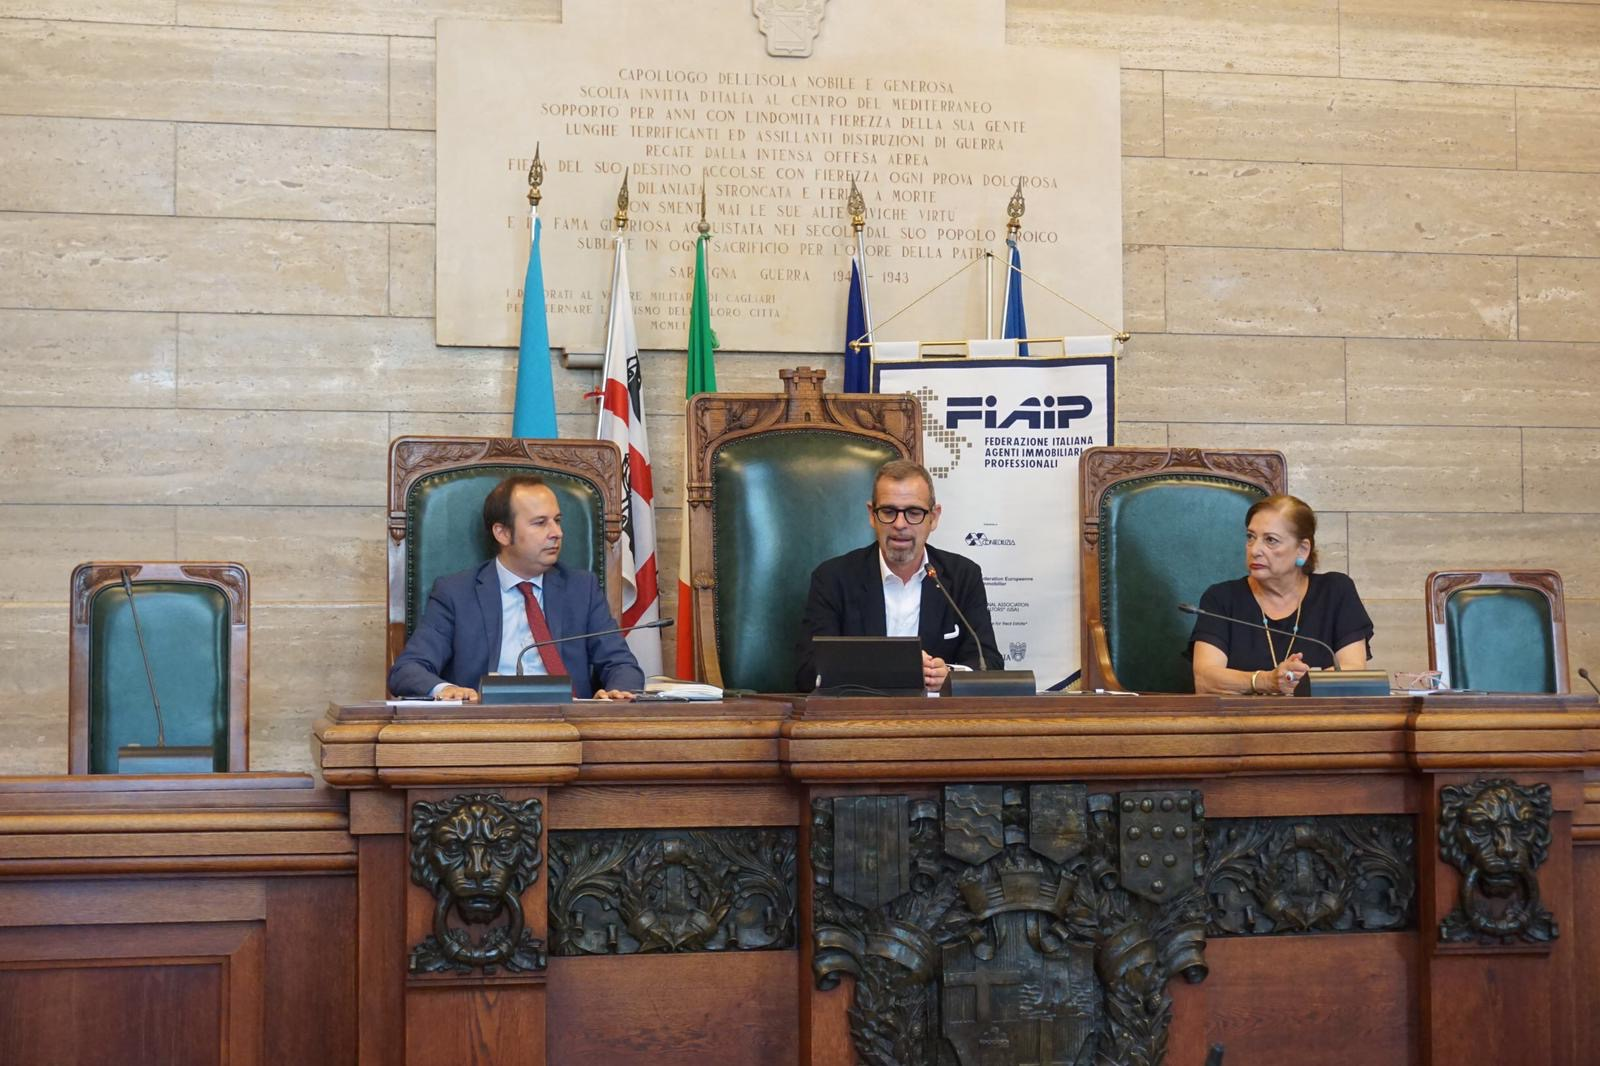 Fiaip: A Cagliari presentato l'Osservatorio immobiliare della Provincia 'storica' di Cagliari